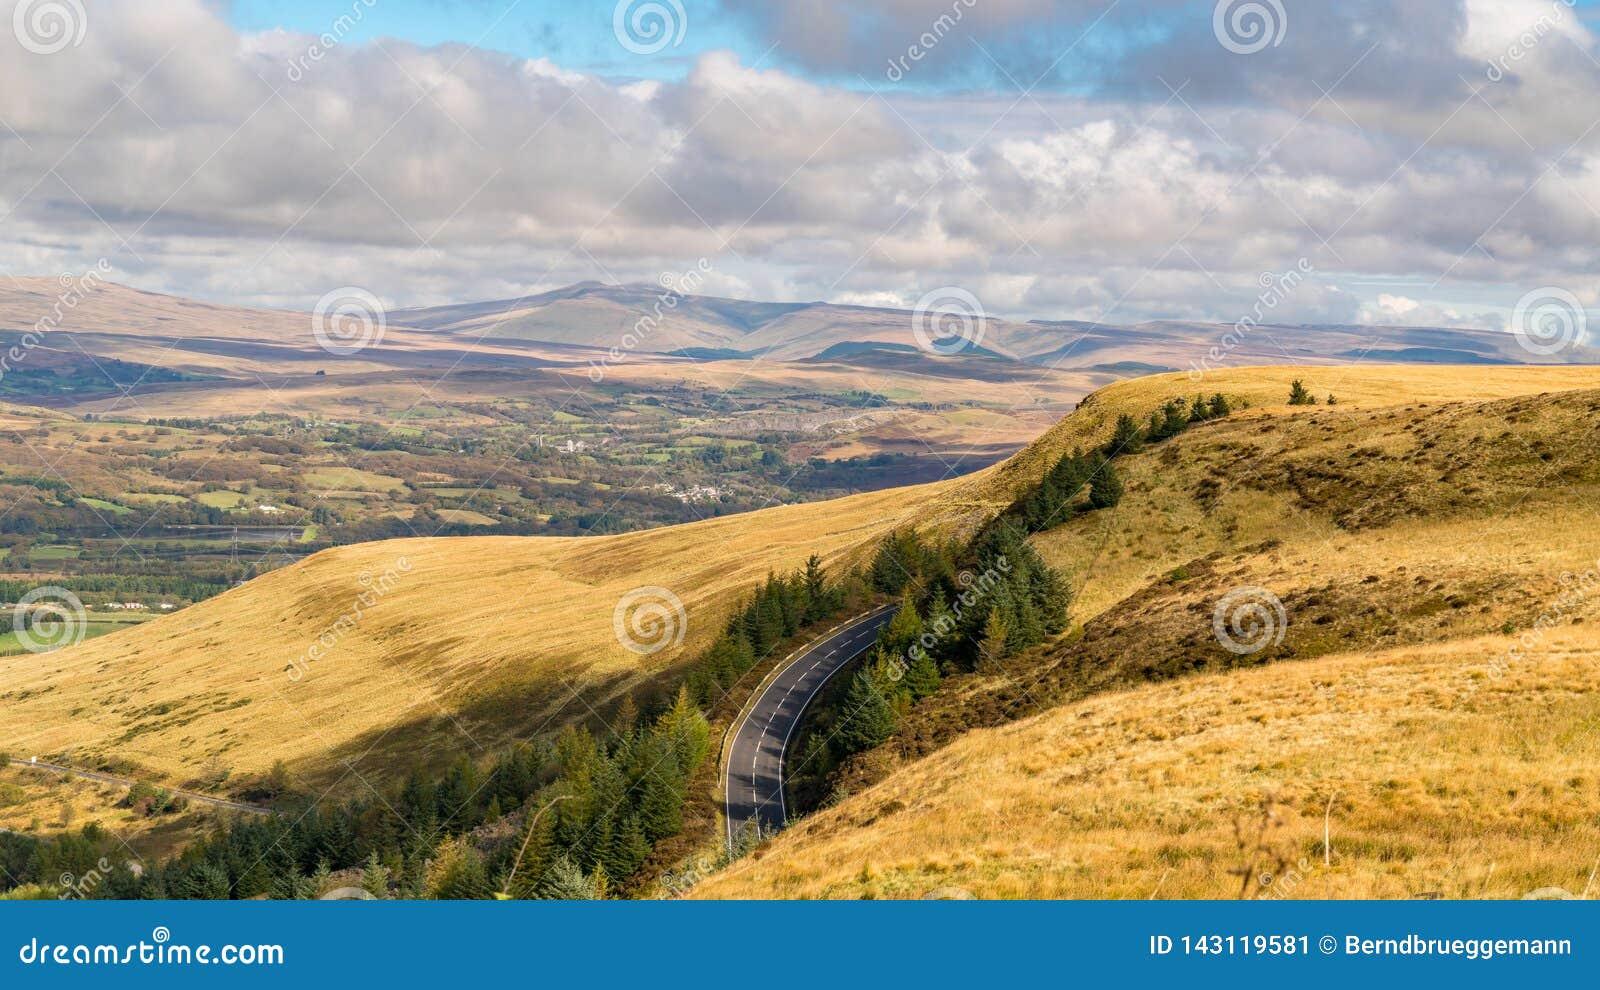 Brecon baliza la visión desde el A4061 cerca de Aberdare, Rhondda Cynon Taf, Mid Glamorgan, País de Gales, Reino Unido